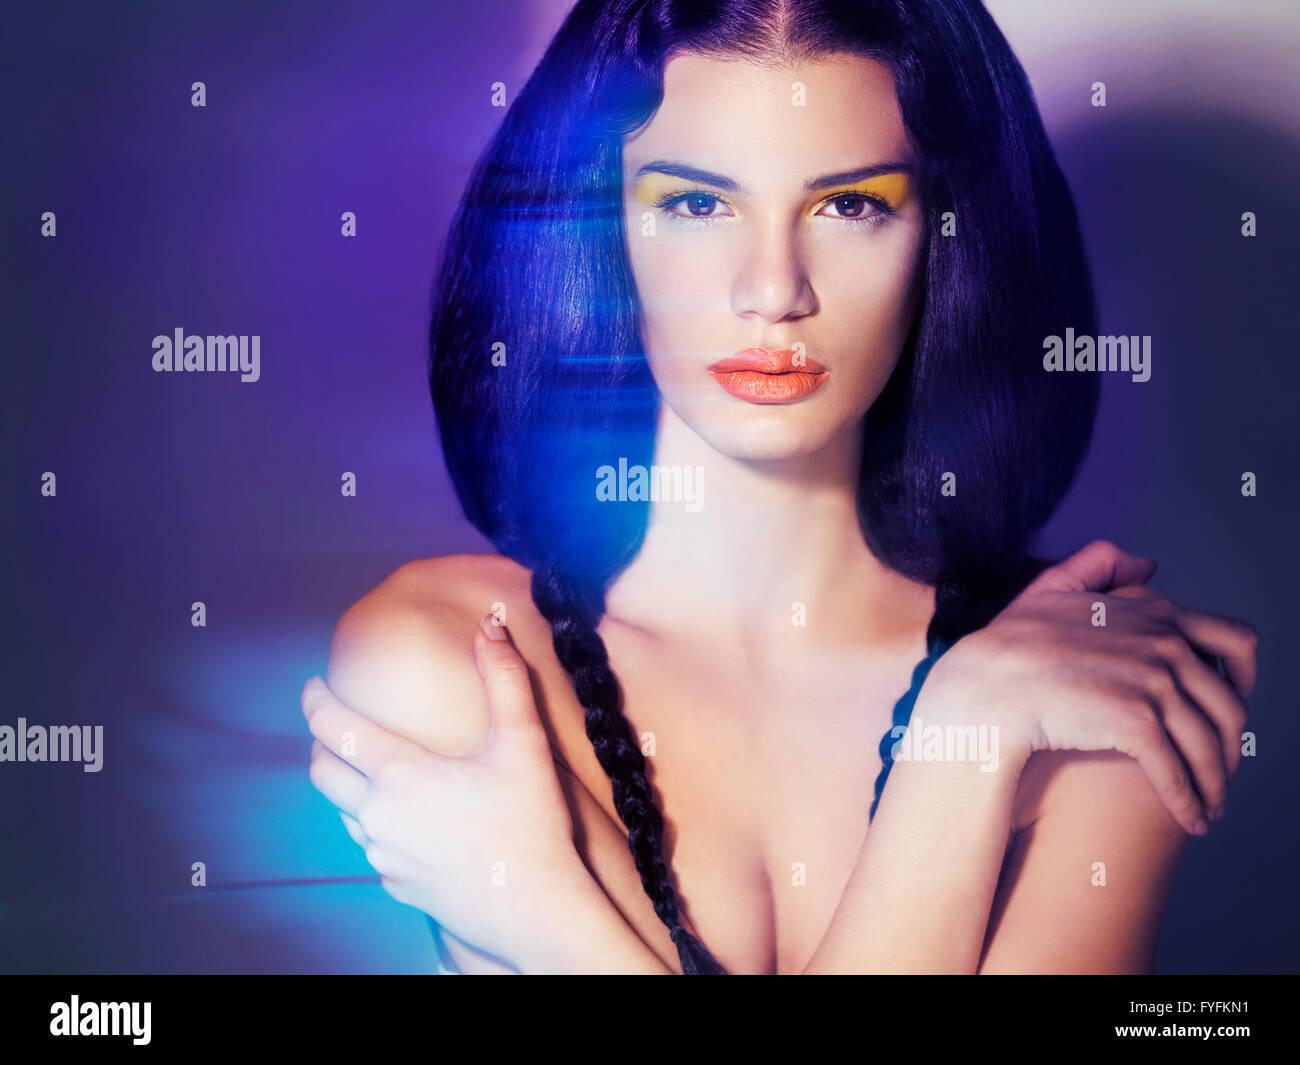 Mujer joven con maquillaje artístico, retrato de belleza Imagen De Stock